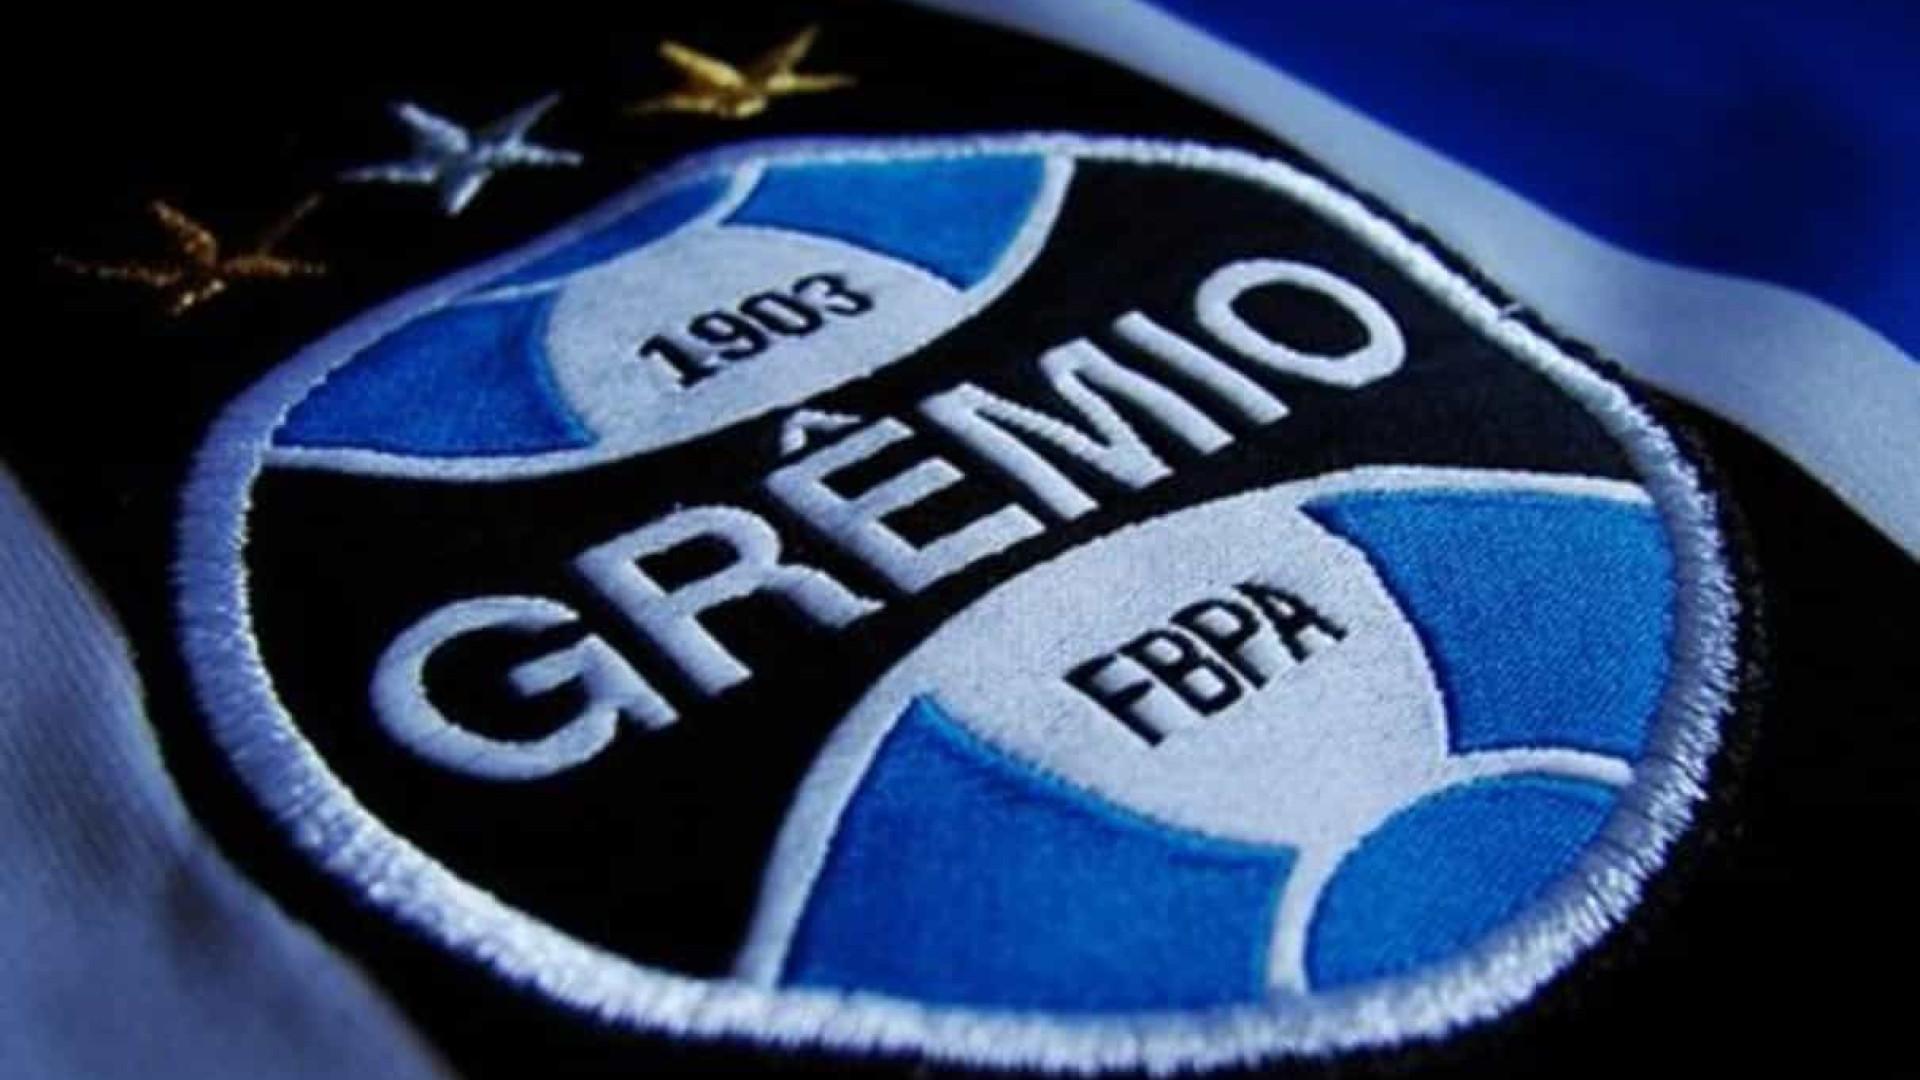 Após vice na Copa do Brasil, Grêmio faz mudanças na diretoria